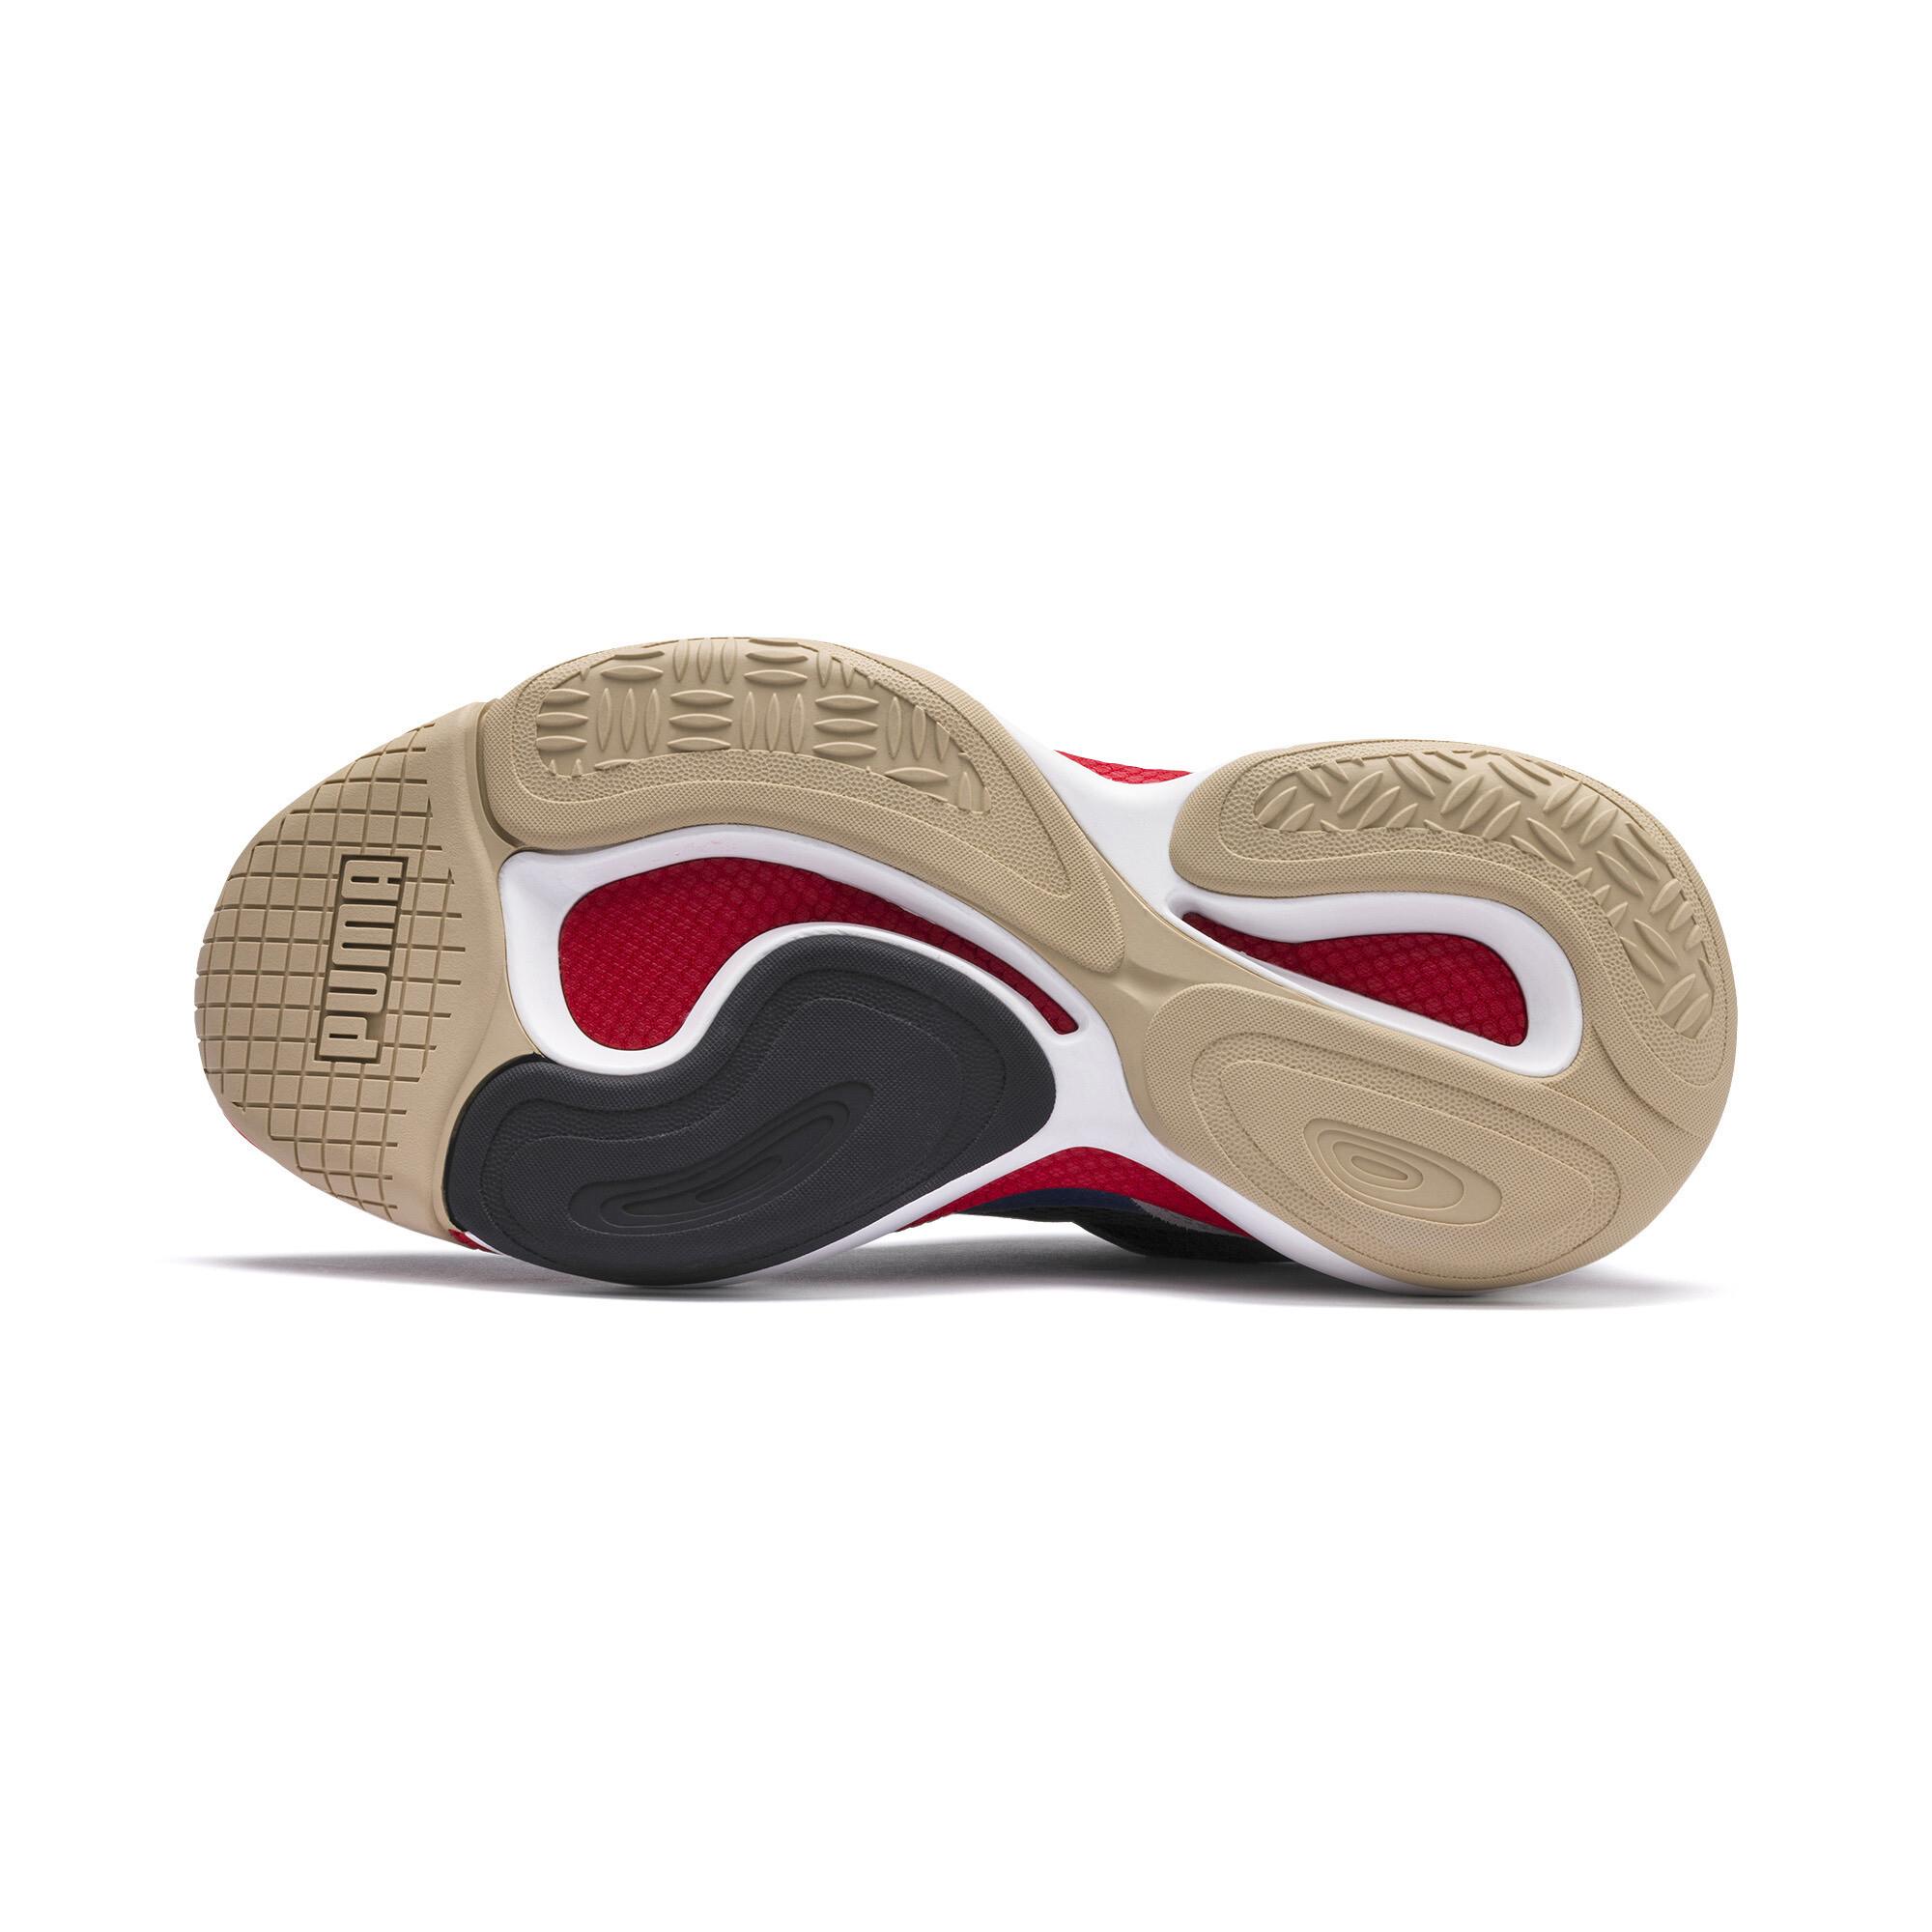 PUMA-Alteration-Kurve-Sneakers-Unisex-Shoe thumbnail 5